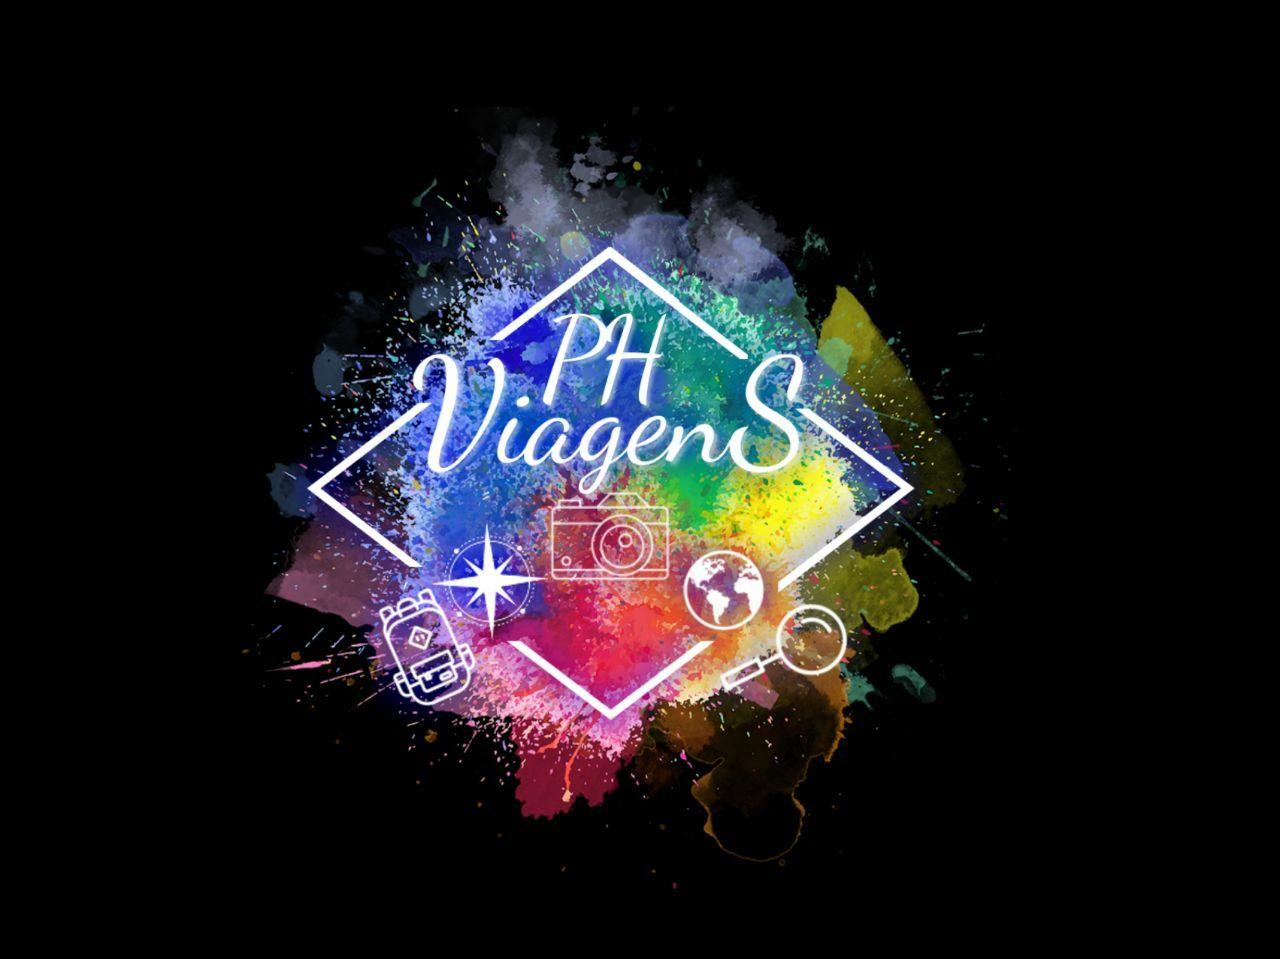 PH VIAGENS logo